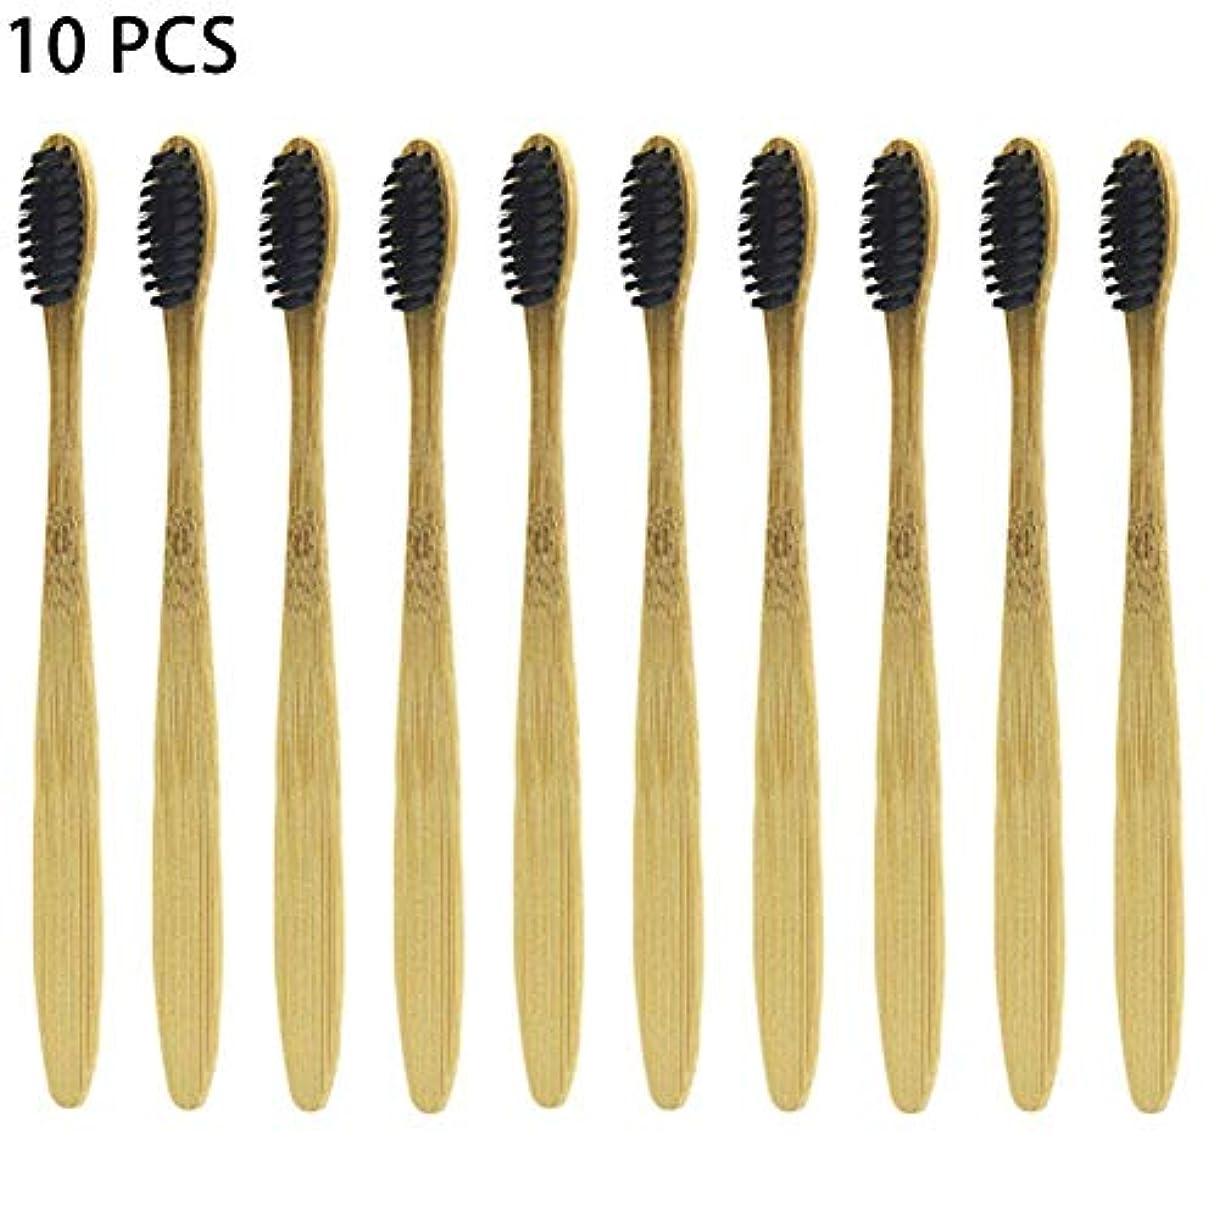 会員混乱マーカーsnowflake 歯ブラシ 10 PCS 竹歯ブラシ やわらかめ 超コンパクト 環境に優しい ソフトブレスト 清潔 軽量 携帯便利 旅行出張に最適 家族用 密度が多い 黒、カーキ 18 cm(ブラック) first-rate